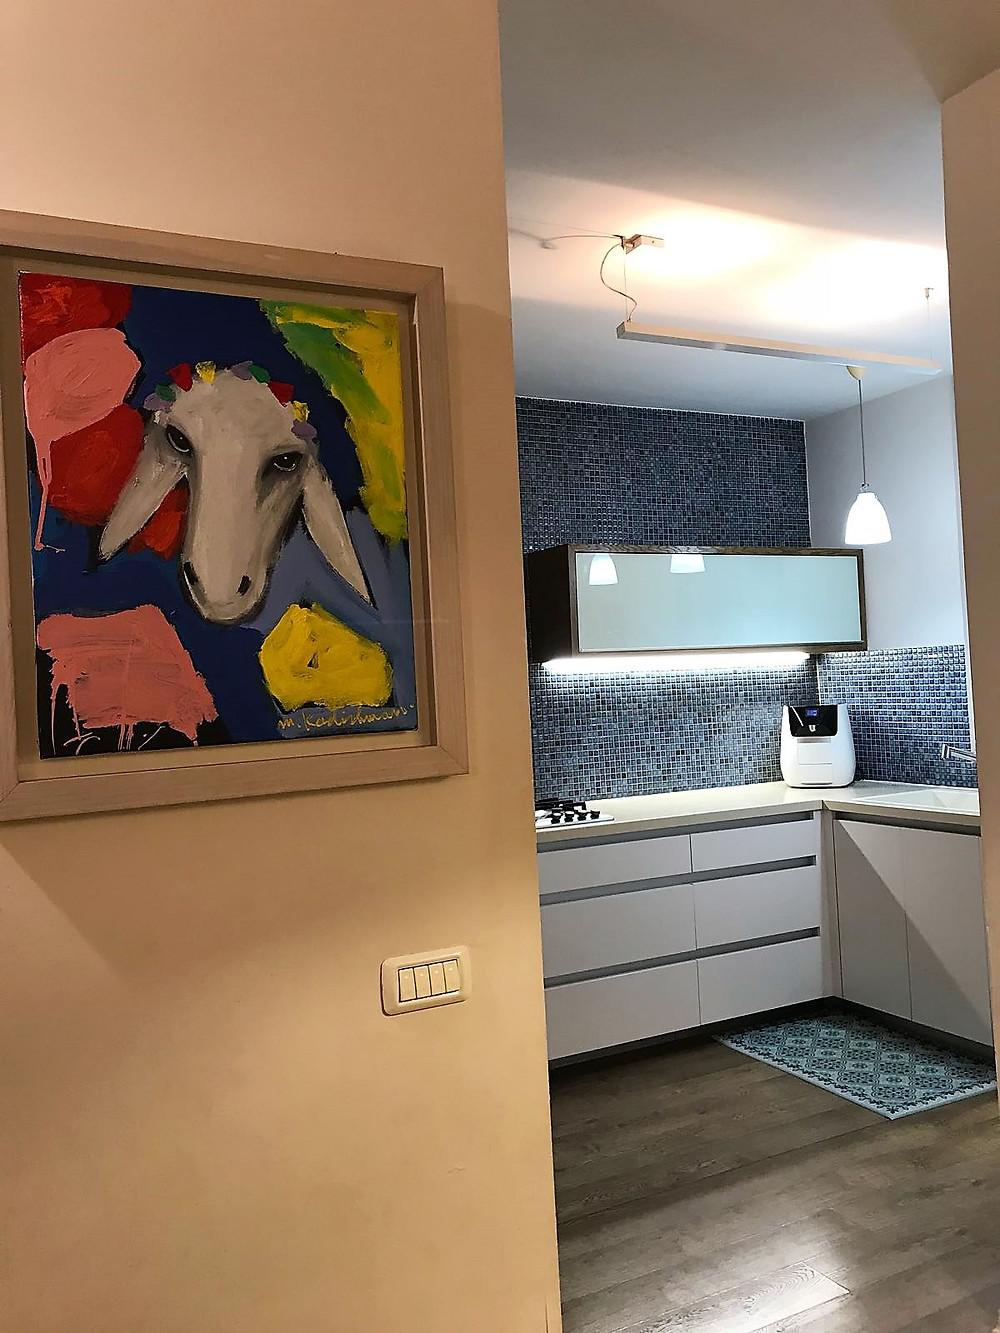 ארבעה חדרים למכירה ברחוב בבלי צפון תל אביב